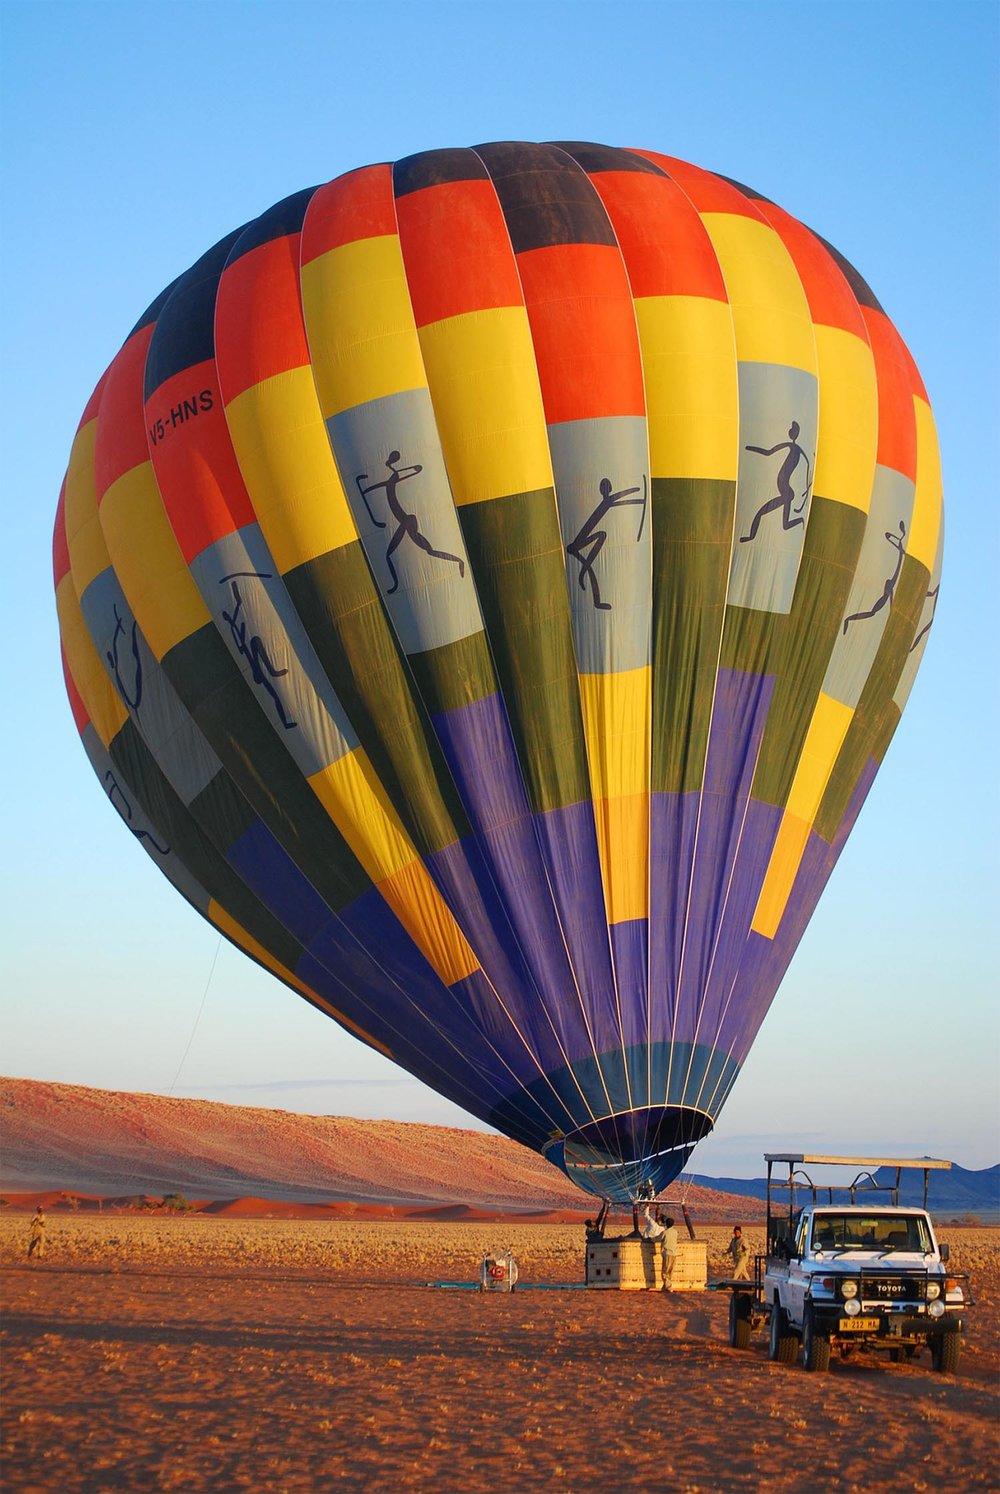 balloon-805107_1920-sm.jpg